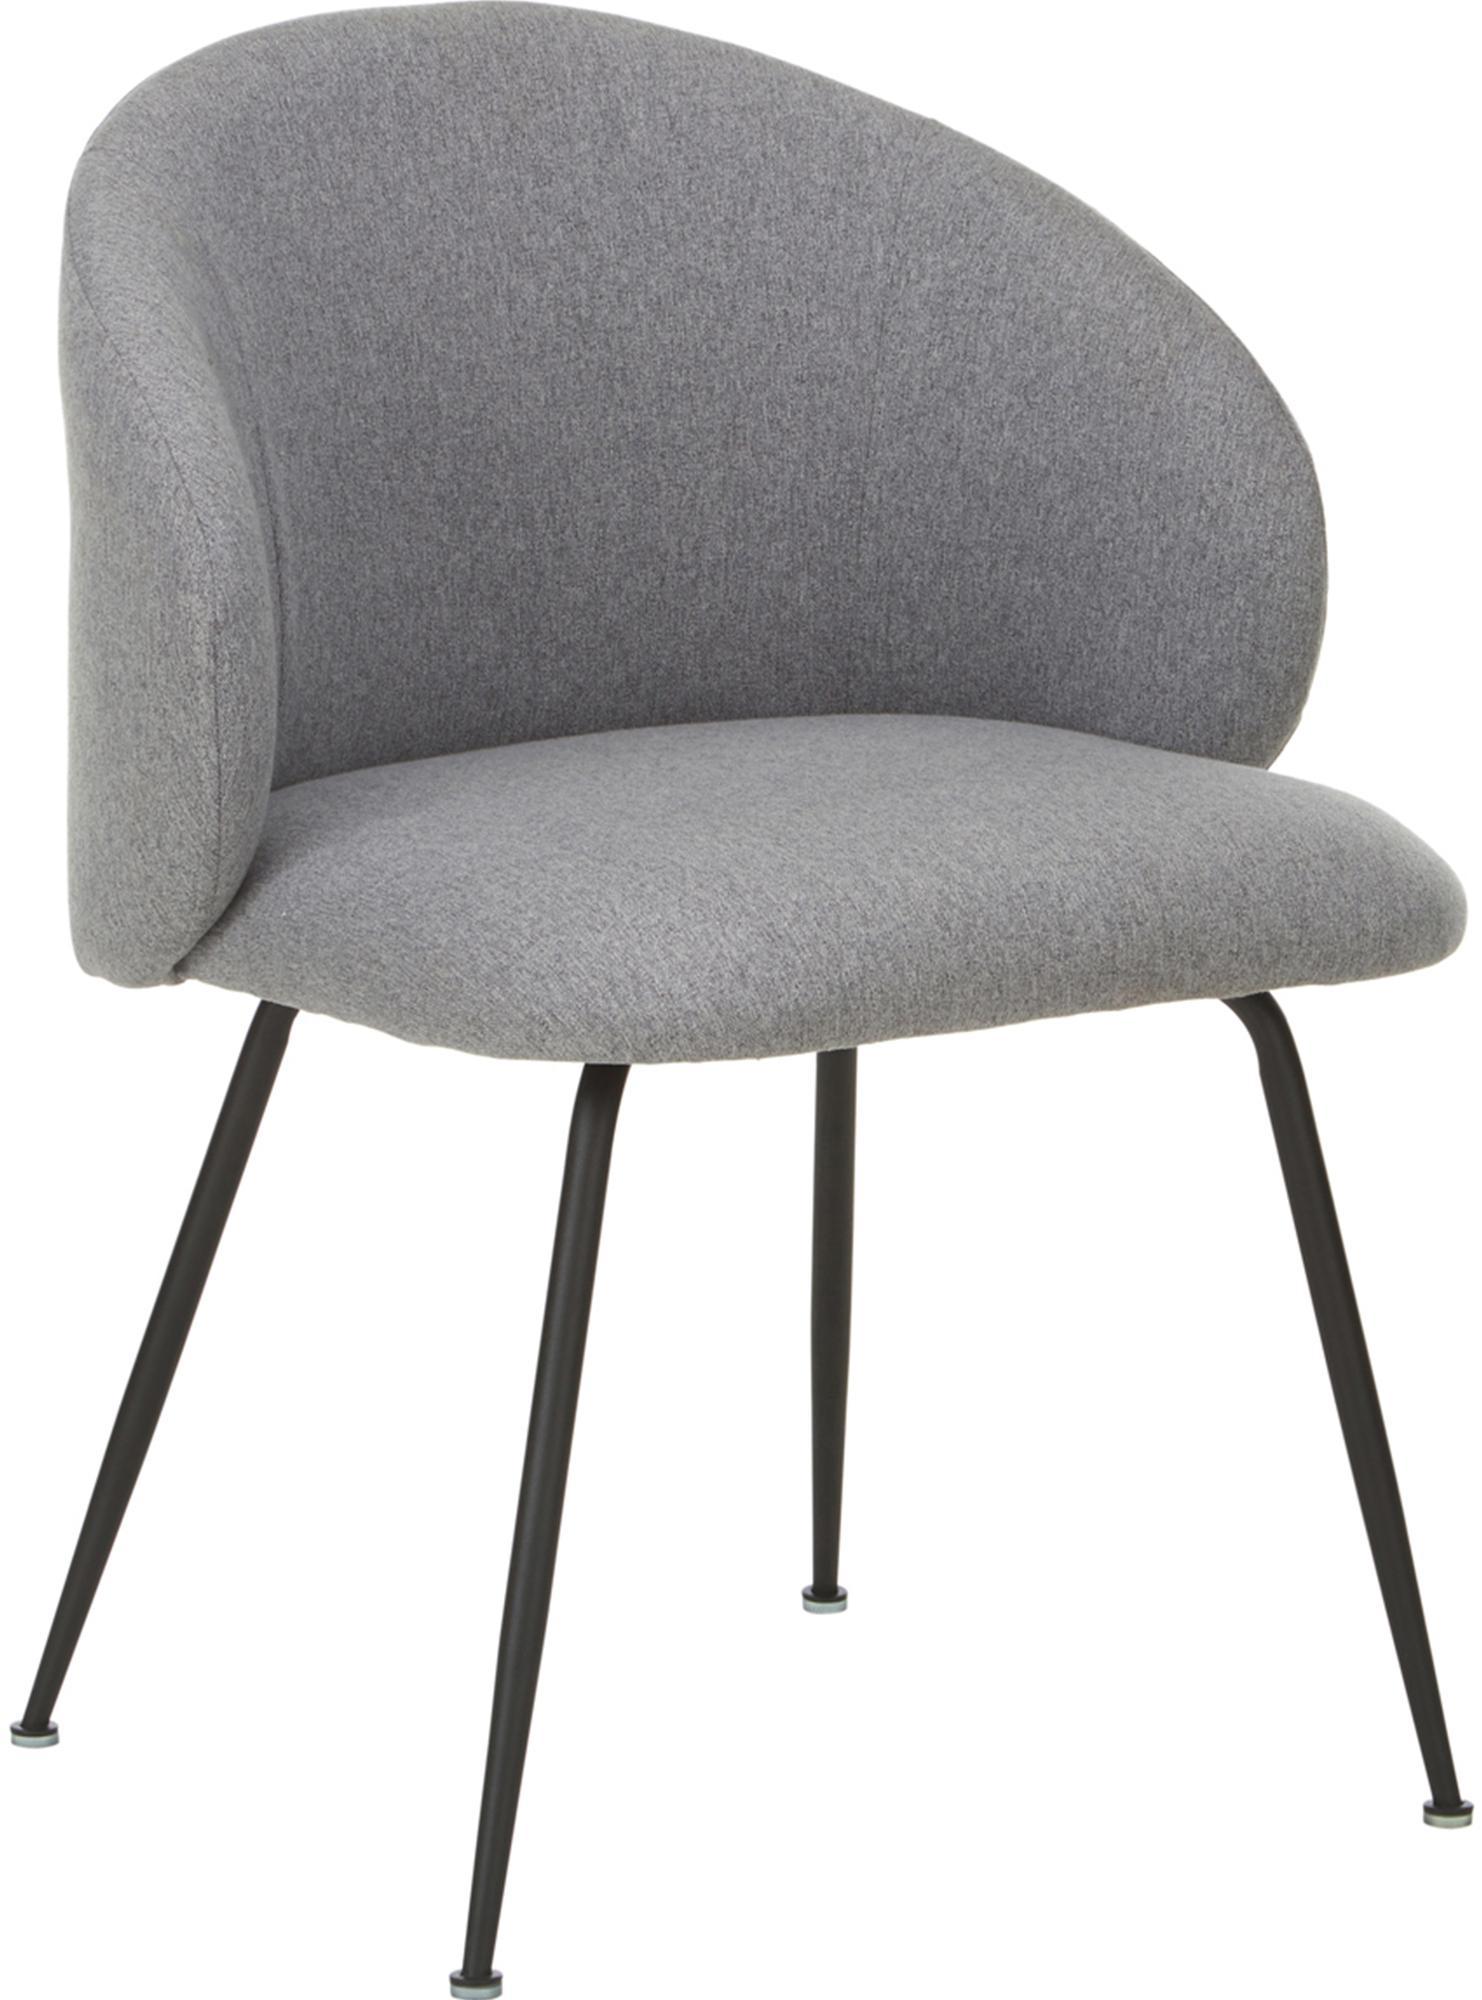 Sedia imbottita Minna 2 pz, Seduta: tessuto, Struttura: metallo verniciato, Grigio chiaro, nero, Larg. 57 x Prof. 56 cm